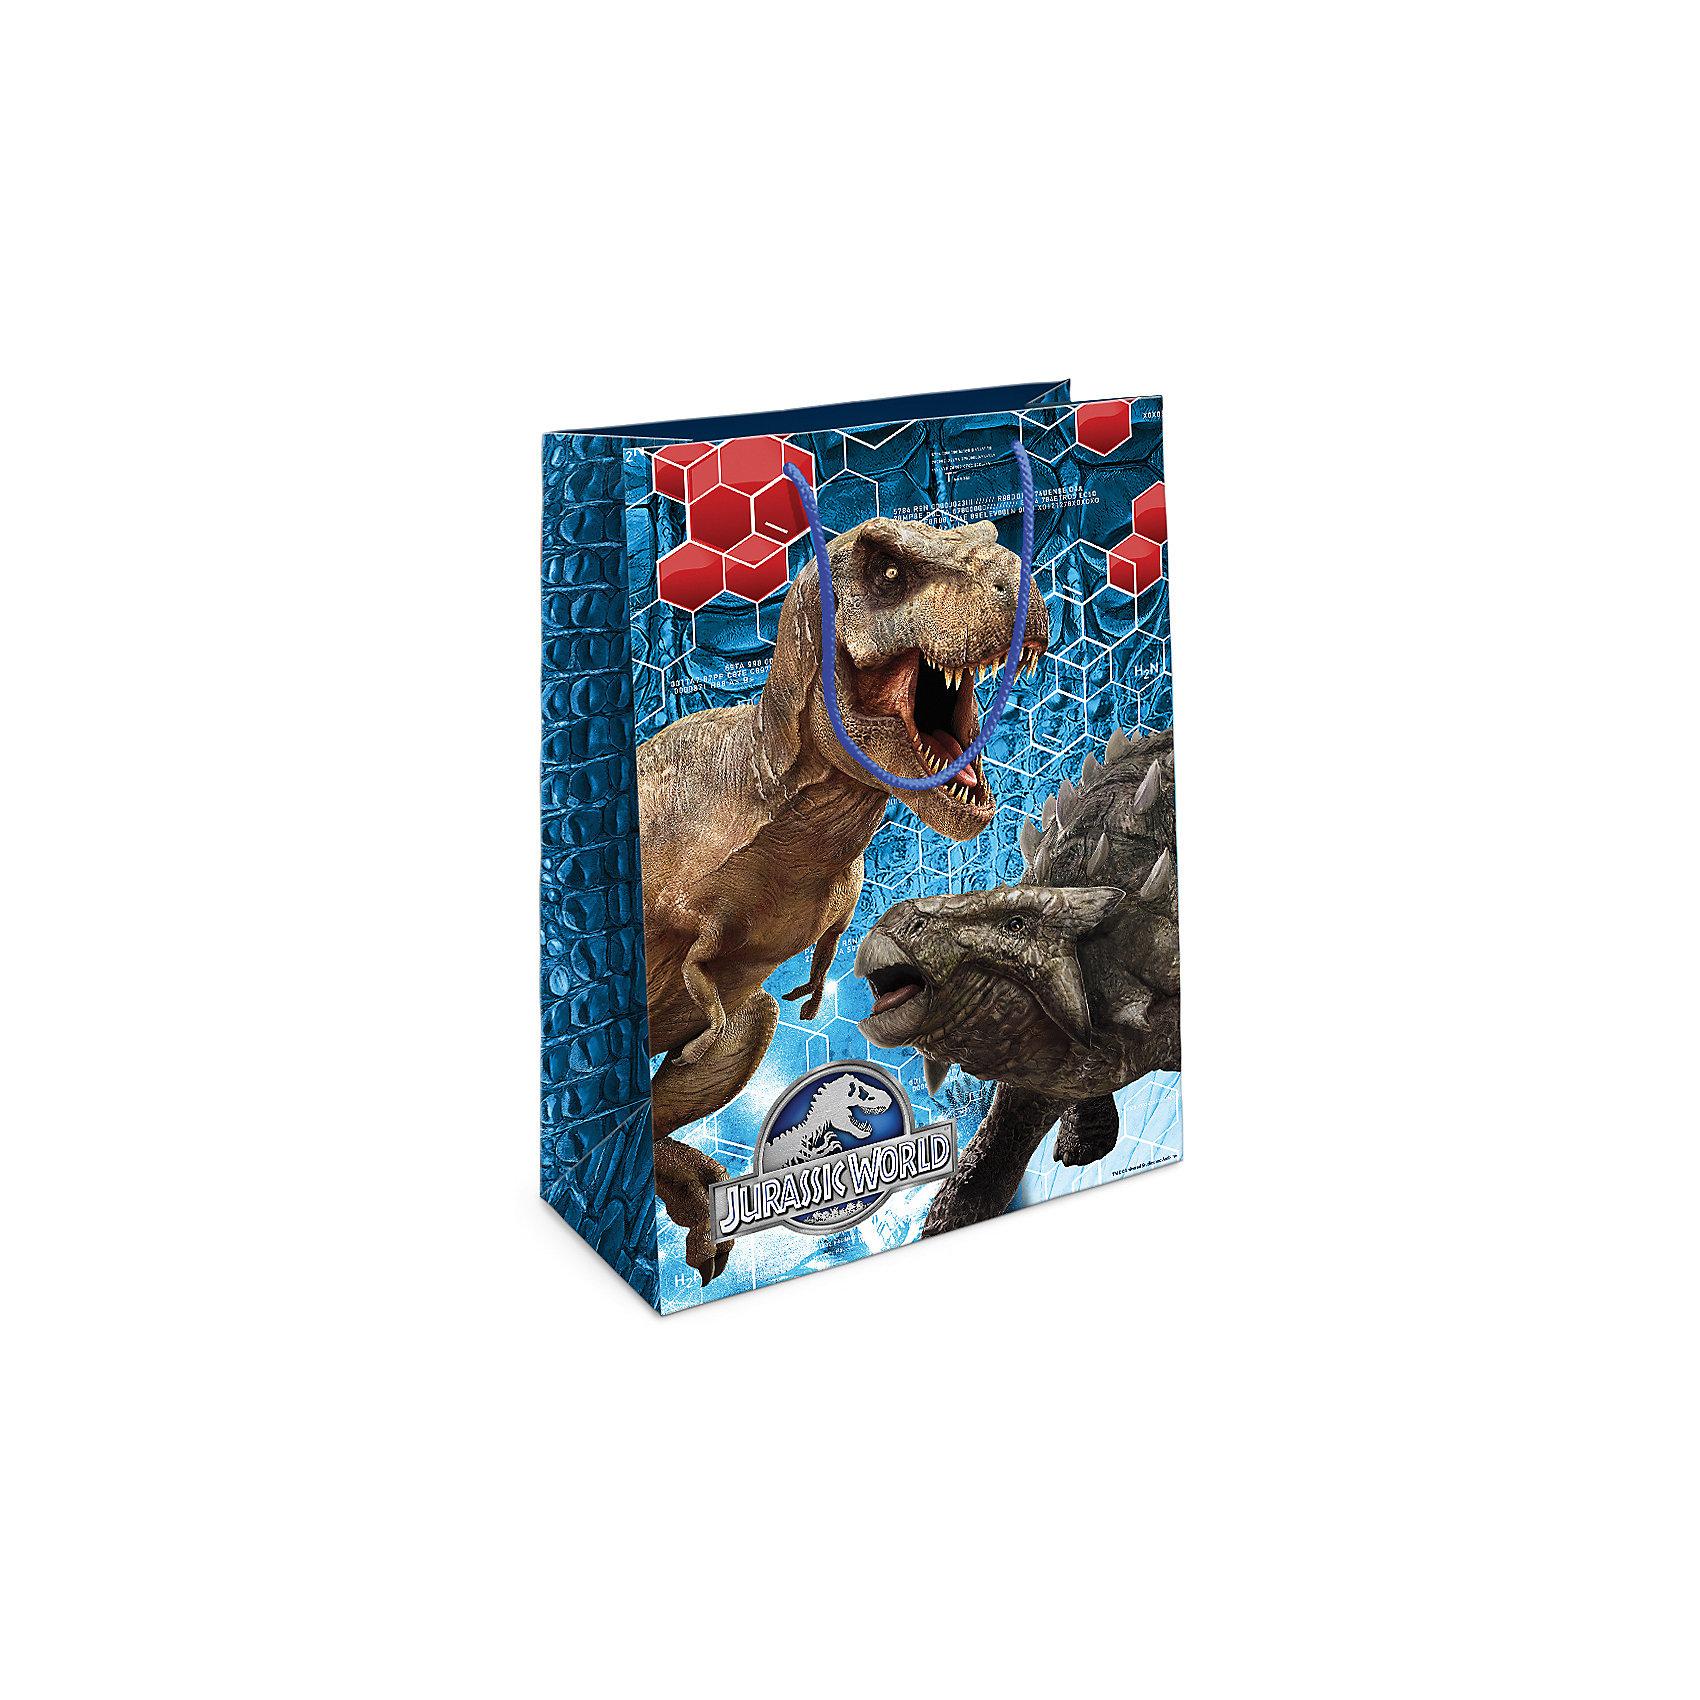 Пакет подарочный Тираннозавр Рекс 350*250*90Всё для праздника<br>Приобрести интересный подарок для ребенка – это только часть задачи. Не менее важно его красиво упаковать! Самым простым, практичным и при этом очень красивым видом упаковки является подарочный пакет – особенно с любимыми героями малыша. Бумажный пакет «Тираннозавр Рекс» с динозавром из фильма «Парк Юрского периода» поможет эффектно украсить ваш подарок. Размер бумажного подарочного пакета: 35х25х9 см. В ассортименте вы можете найти такой же пакет размером 23х18х10 см.<br><br>Ширина мм: 350<br>Глубина мм: 250<br>Высота мм: 3<br>Вес г: 63<br>Возраст от месяцев: 36<br>Возраст до месяцев: 120<br>Пол: Унисекс<br>Возраст: Детский<br>SKU: 5016466